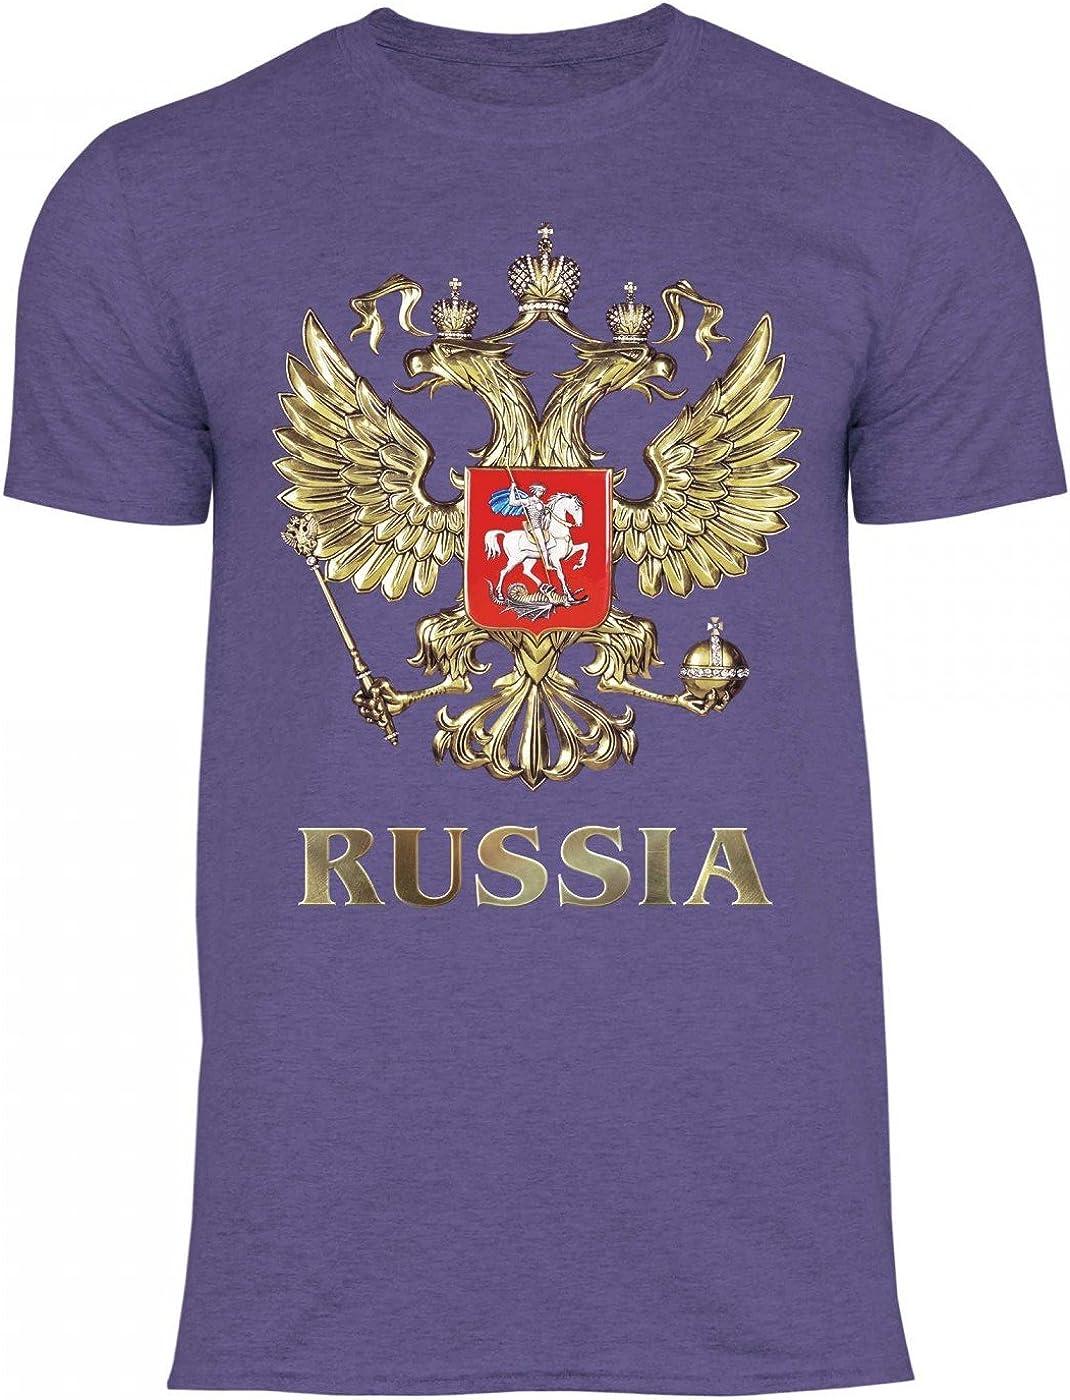 Armoiries de la Russie Drapeau russe en langue russe T-Shirt